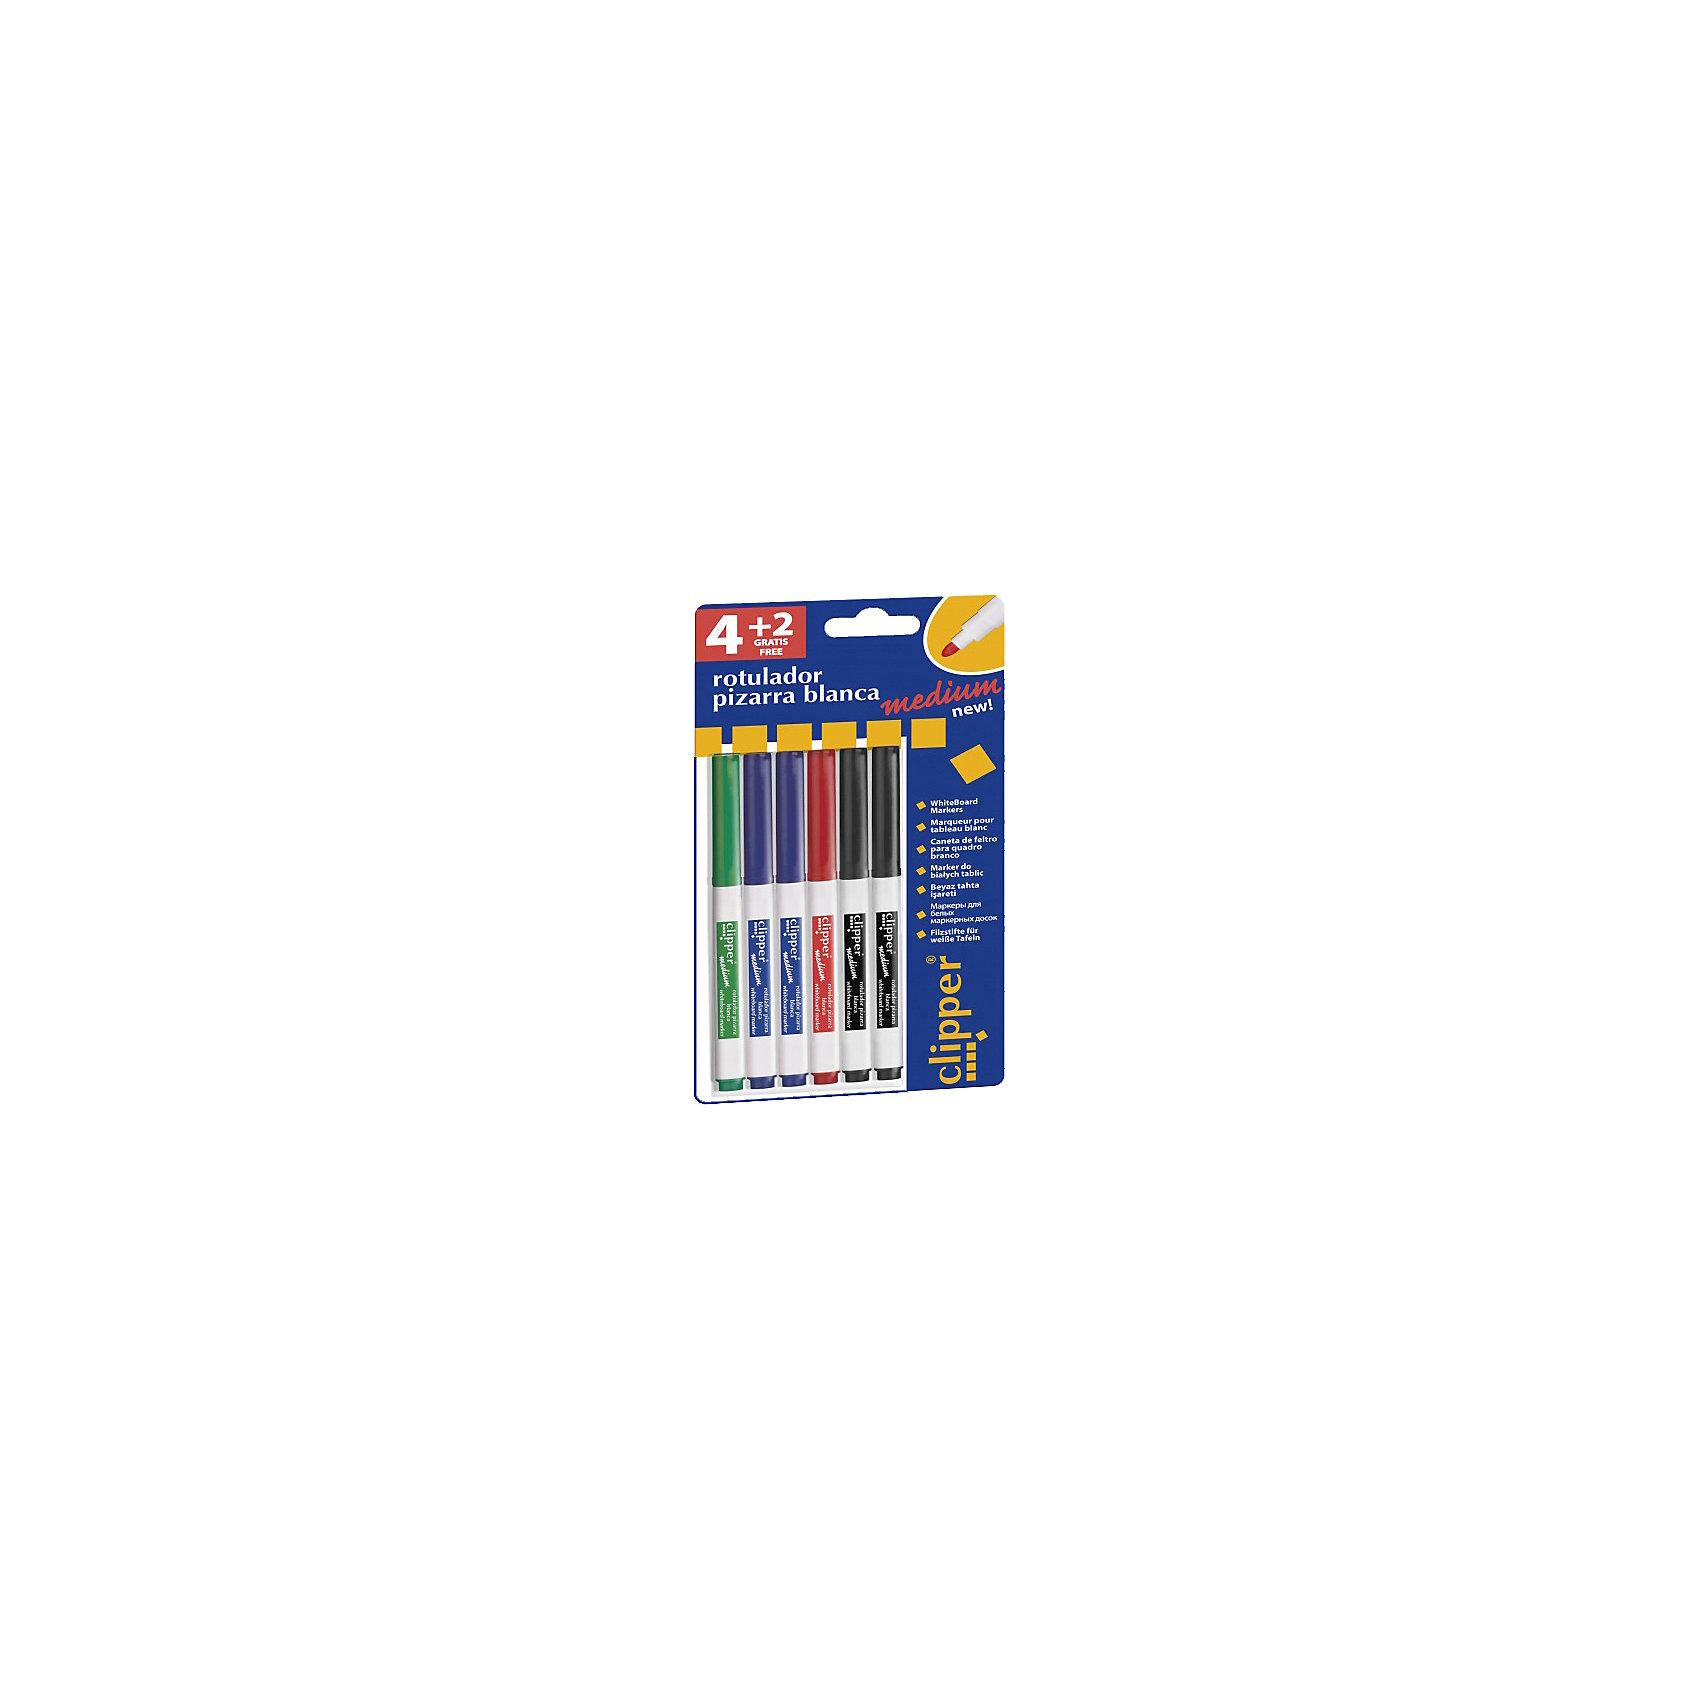 Набор маркеров clipper medium для маркерной доски, 4 цв., 6 шт